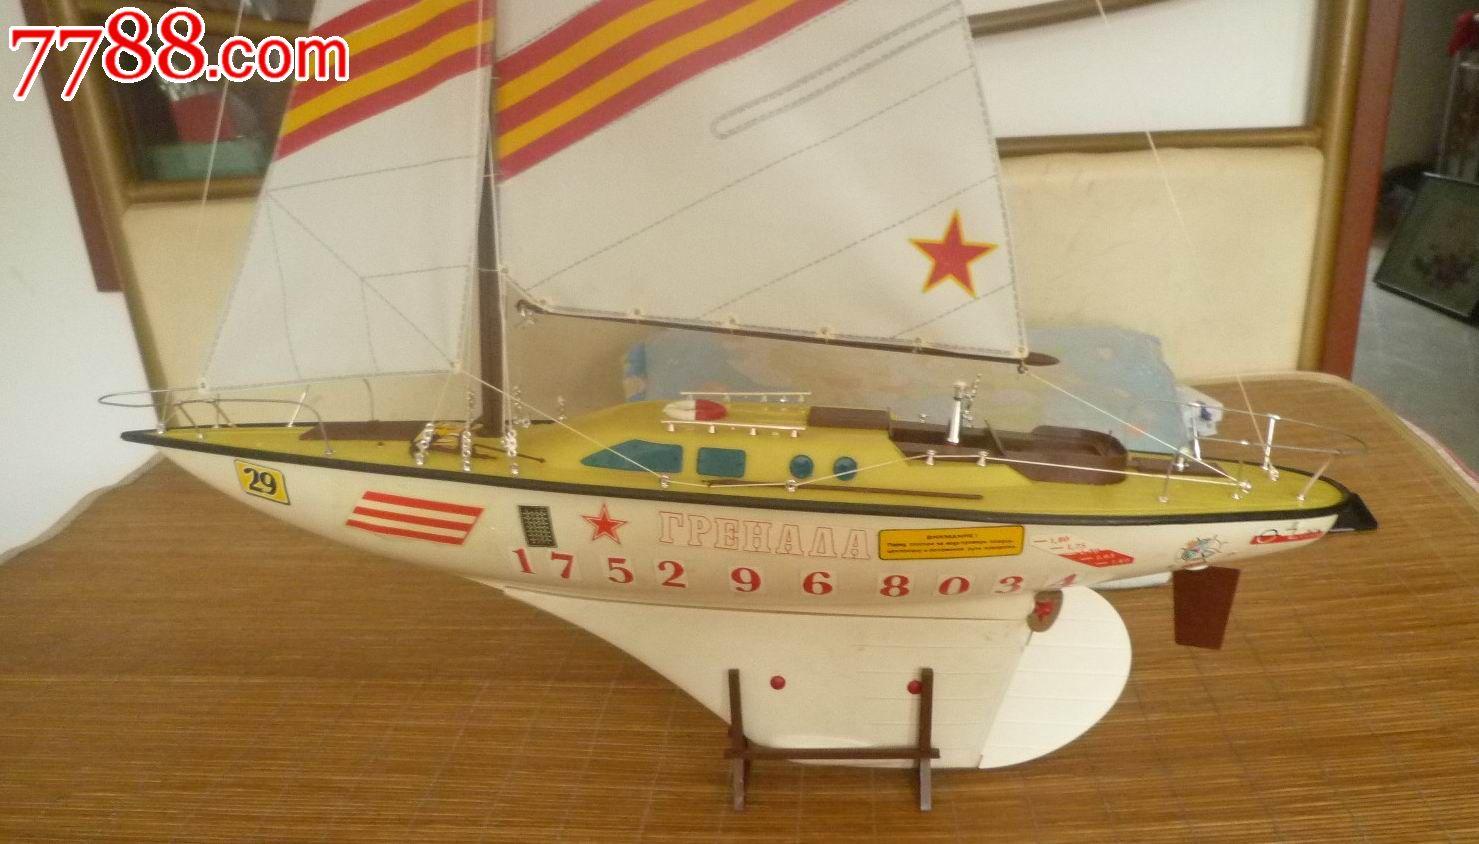 航母模型辽宁号-淘宝拼多多热销航母模型辽宁... - 阿里巴巴货源